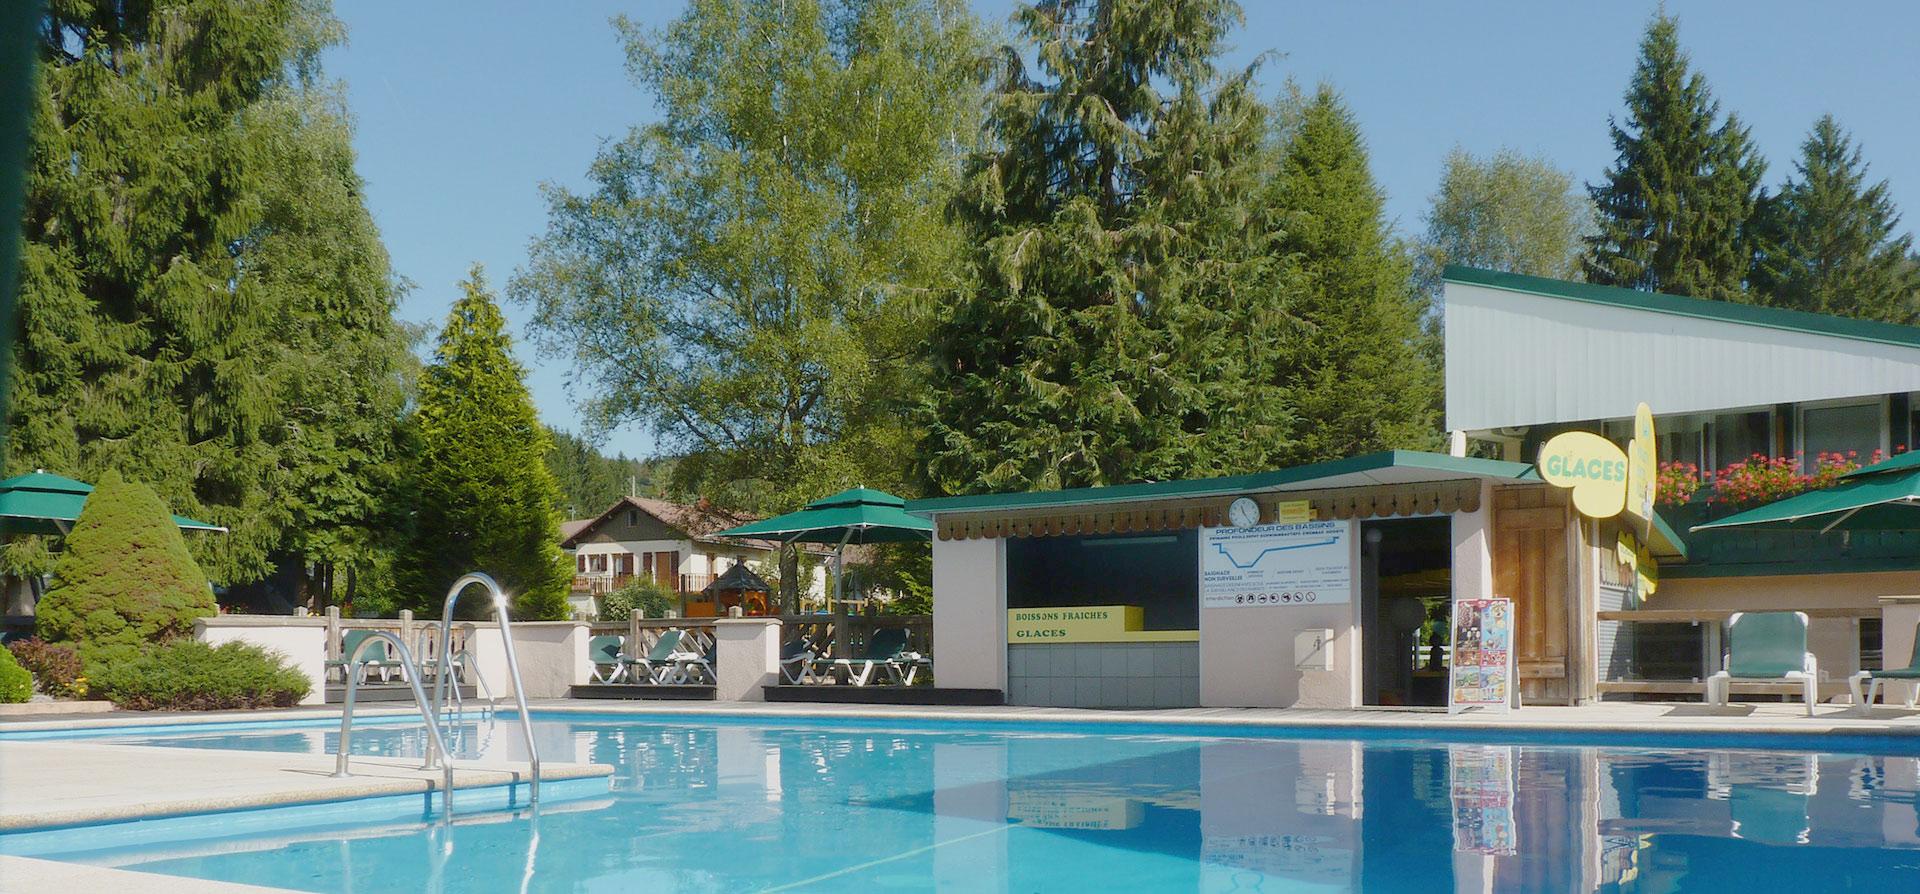 Bienvenue Au Camping Jp Vacances Dans Les Vosges intérieur Camping Gérardmer Avec Piscine